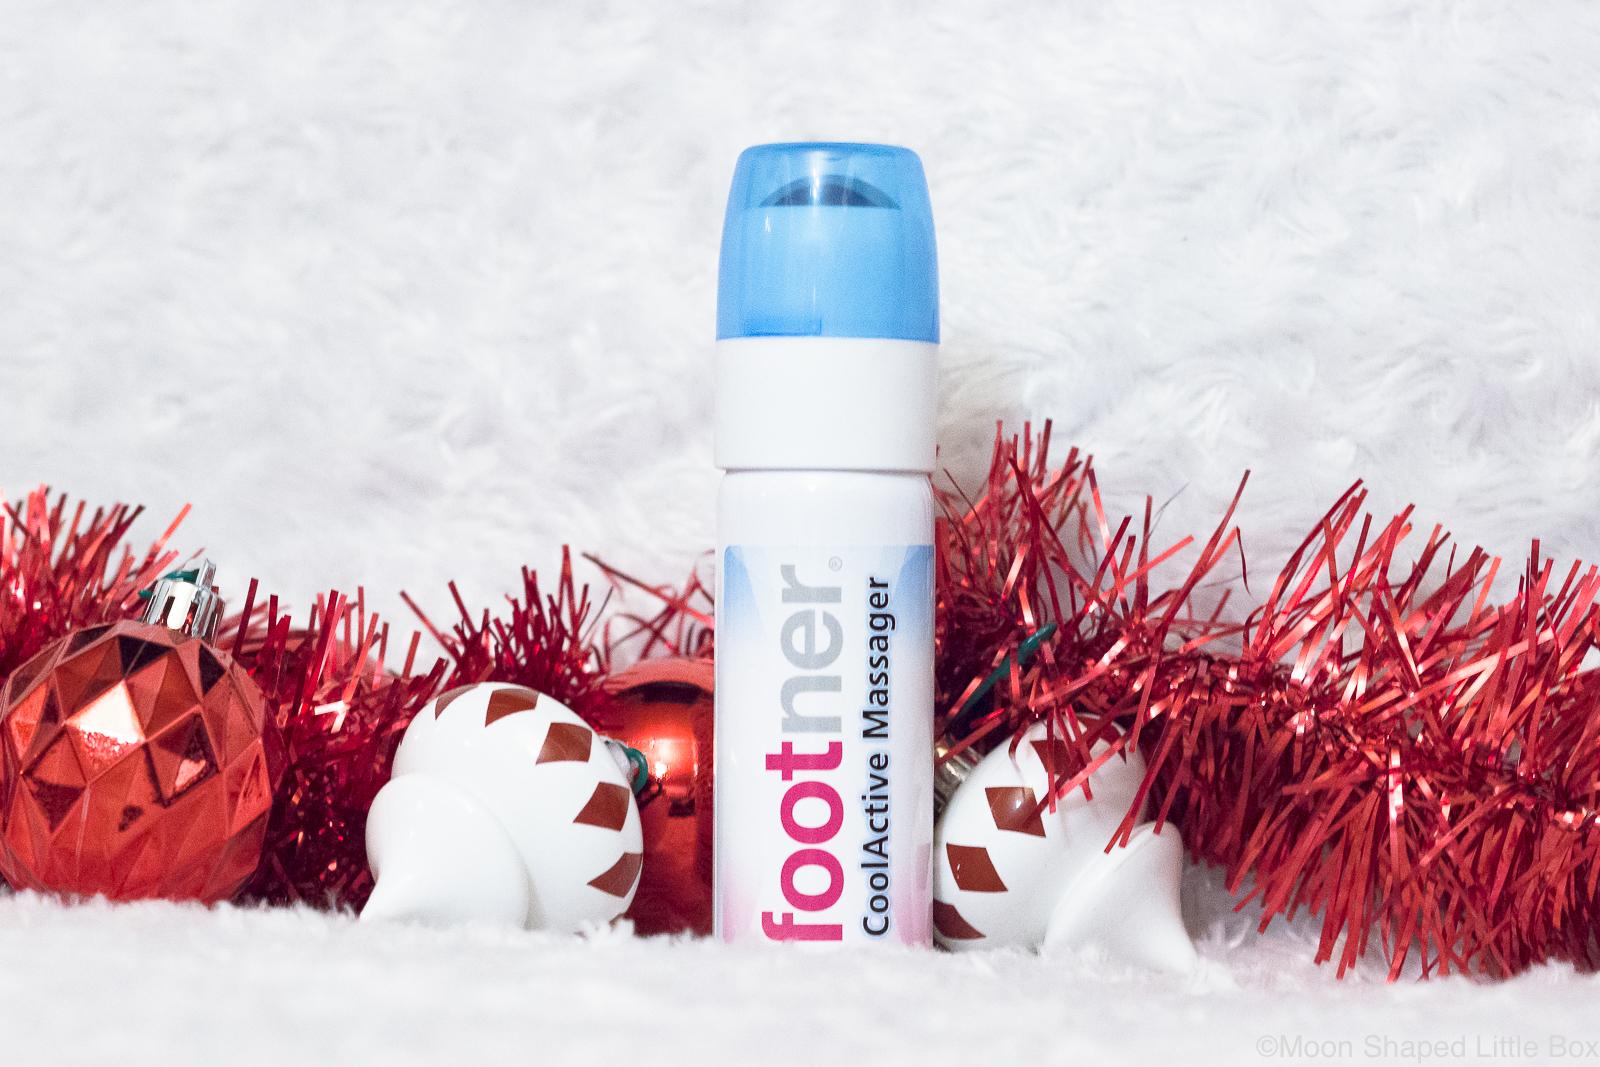 Footner-vasyneille-jaloille-CoolActive-Massager